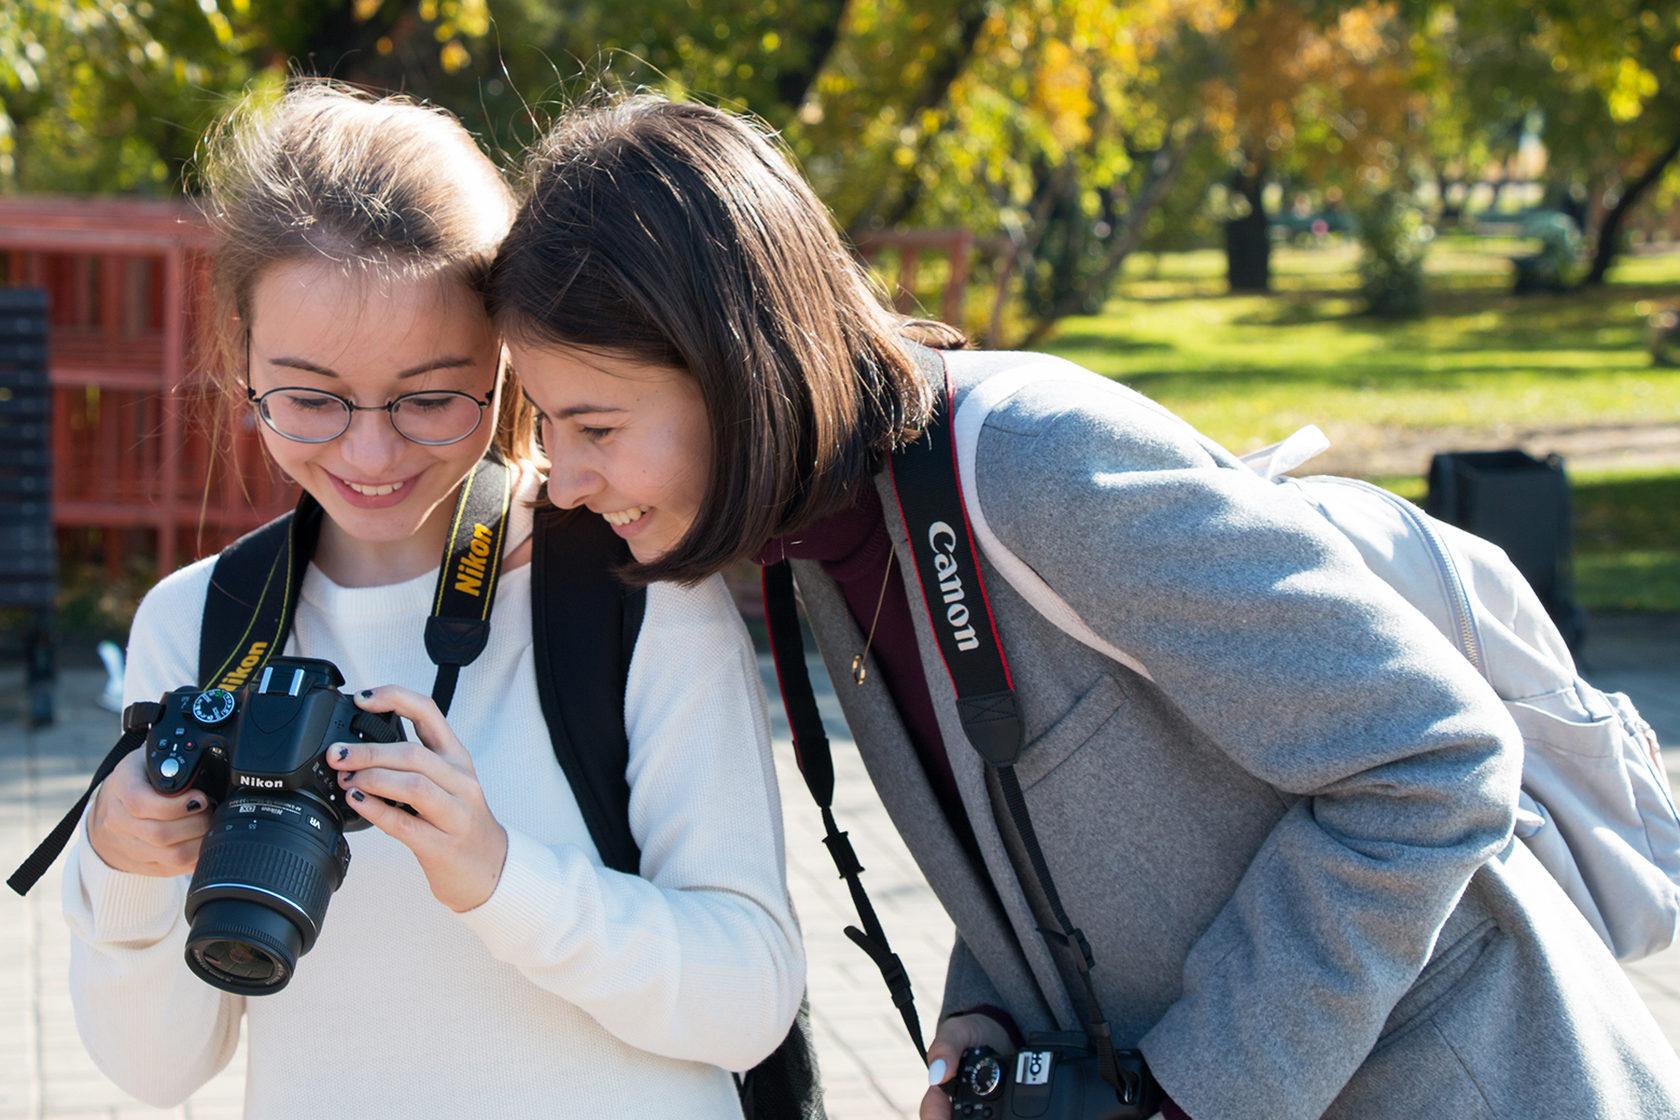 хочется, что курсы фотографии в москве сколько стоят понимаете наши жёсткие